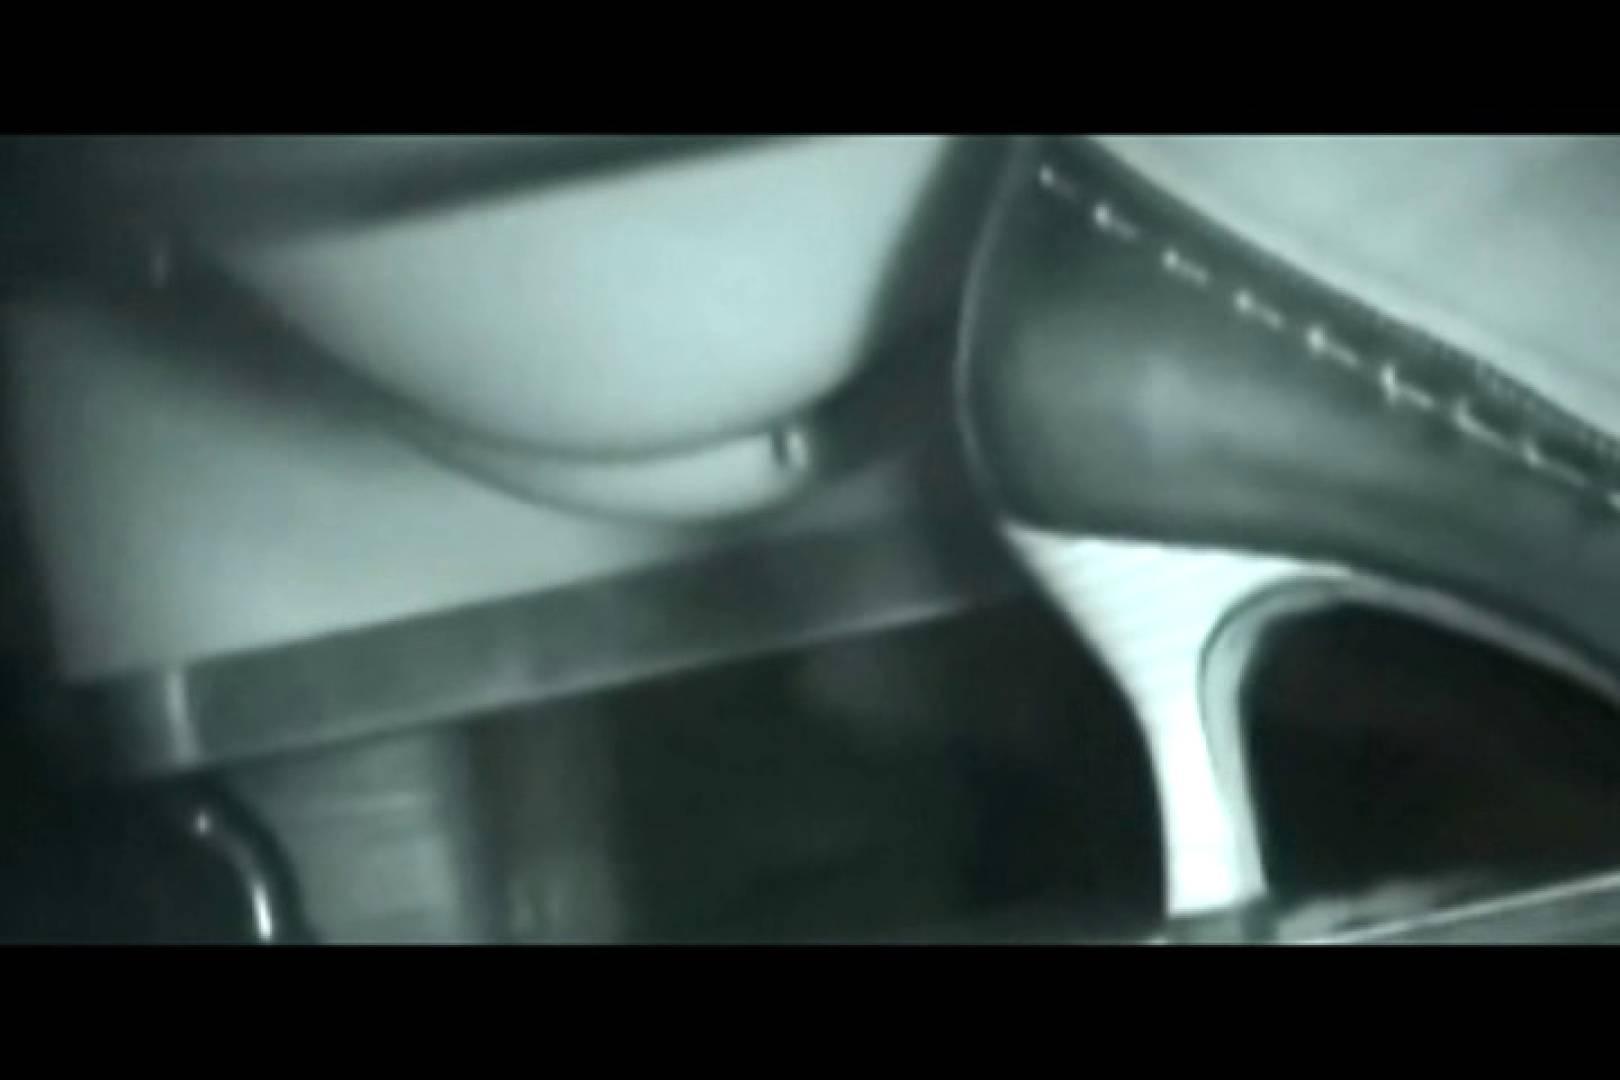 ぼっとん洗面所スペシャルVol.17 洗面所 アダルト動画キャプチャ 80画像 26